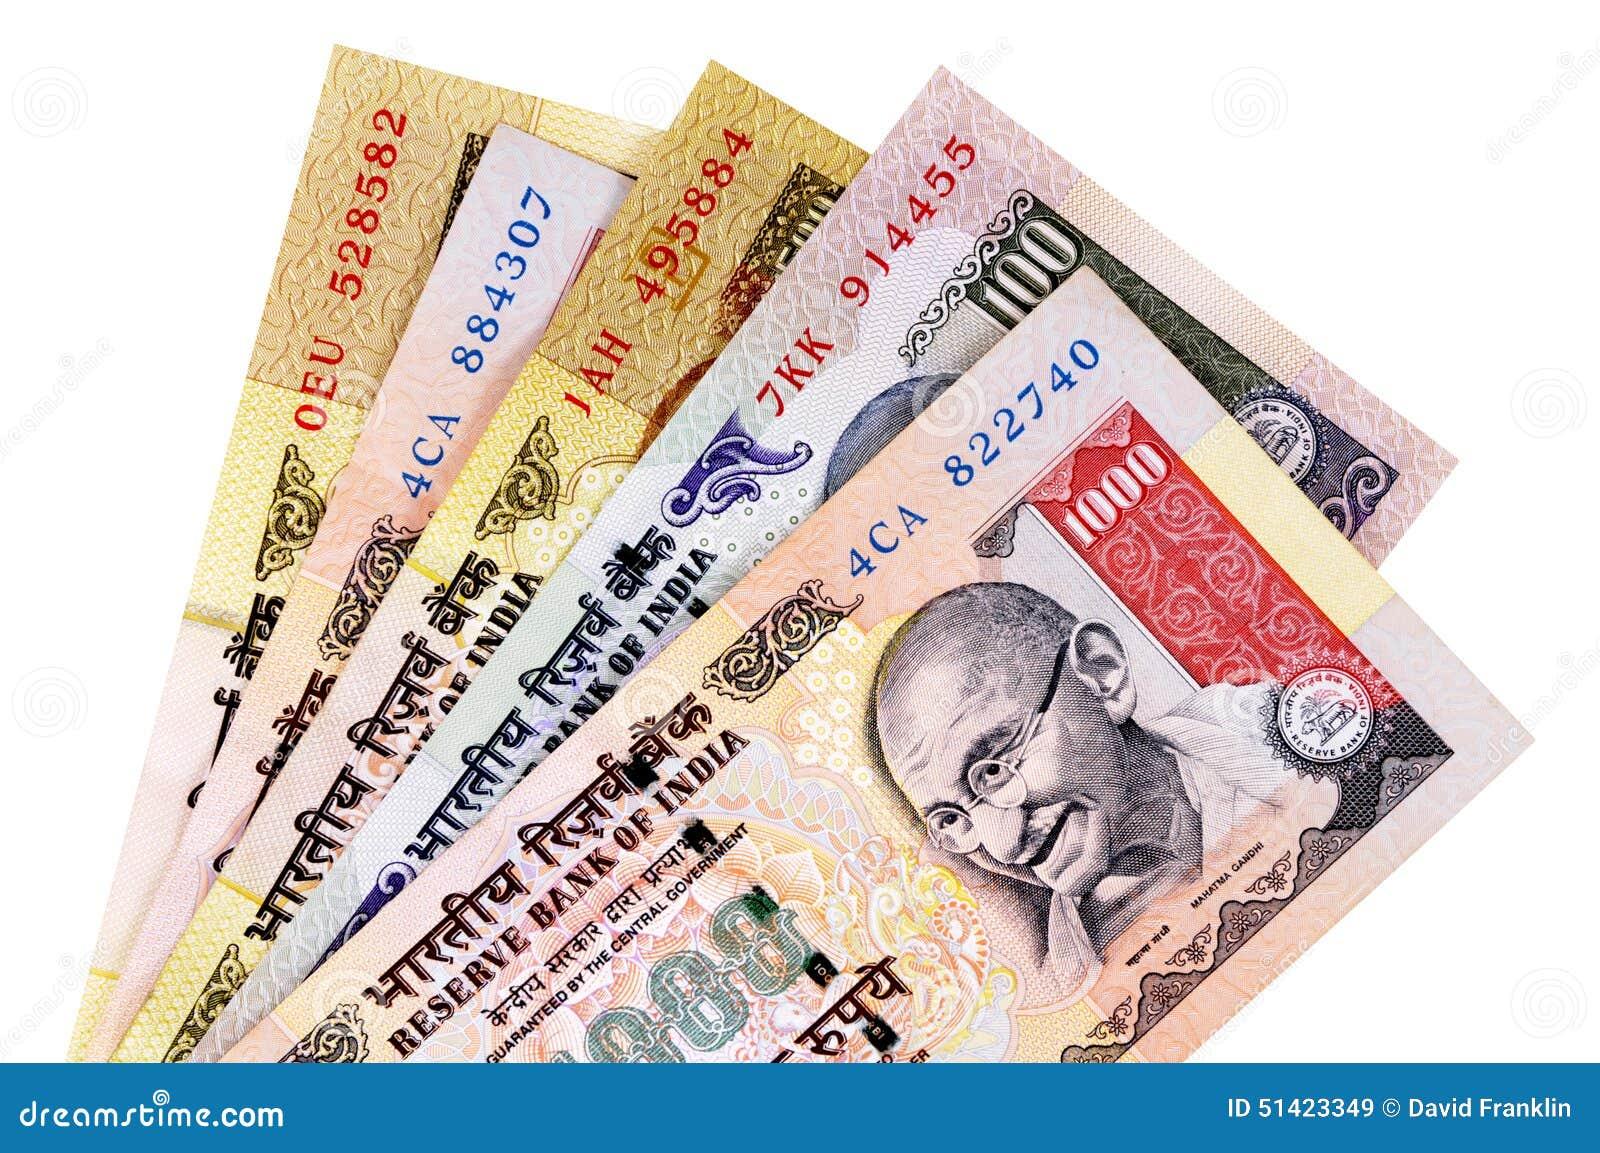 rcm business plan in hindi 2013 k